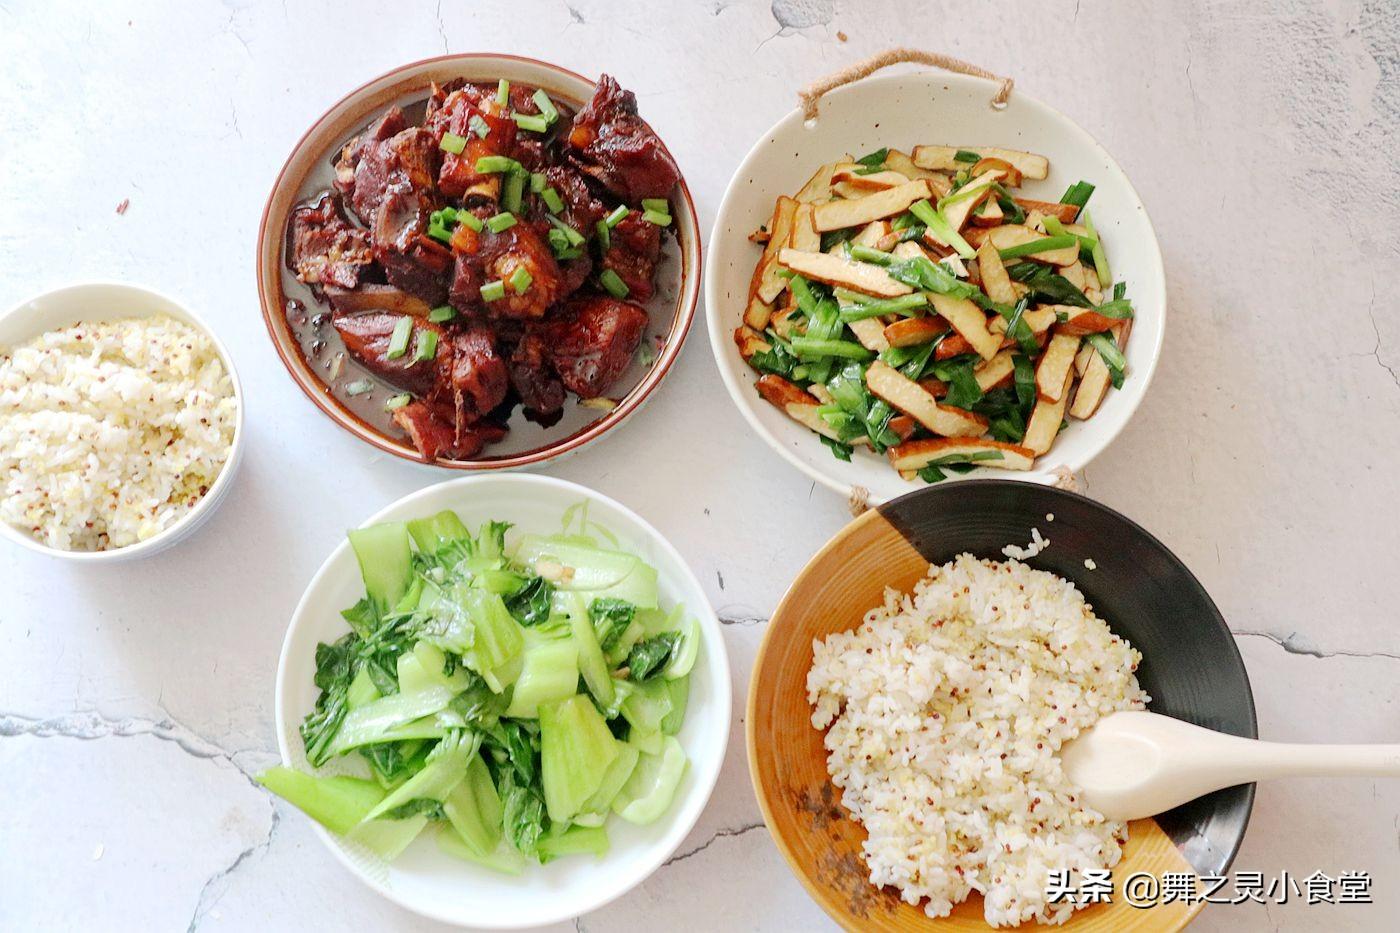 为高考生精心准备的午餐,健康又营养 午餐 第3张